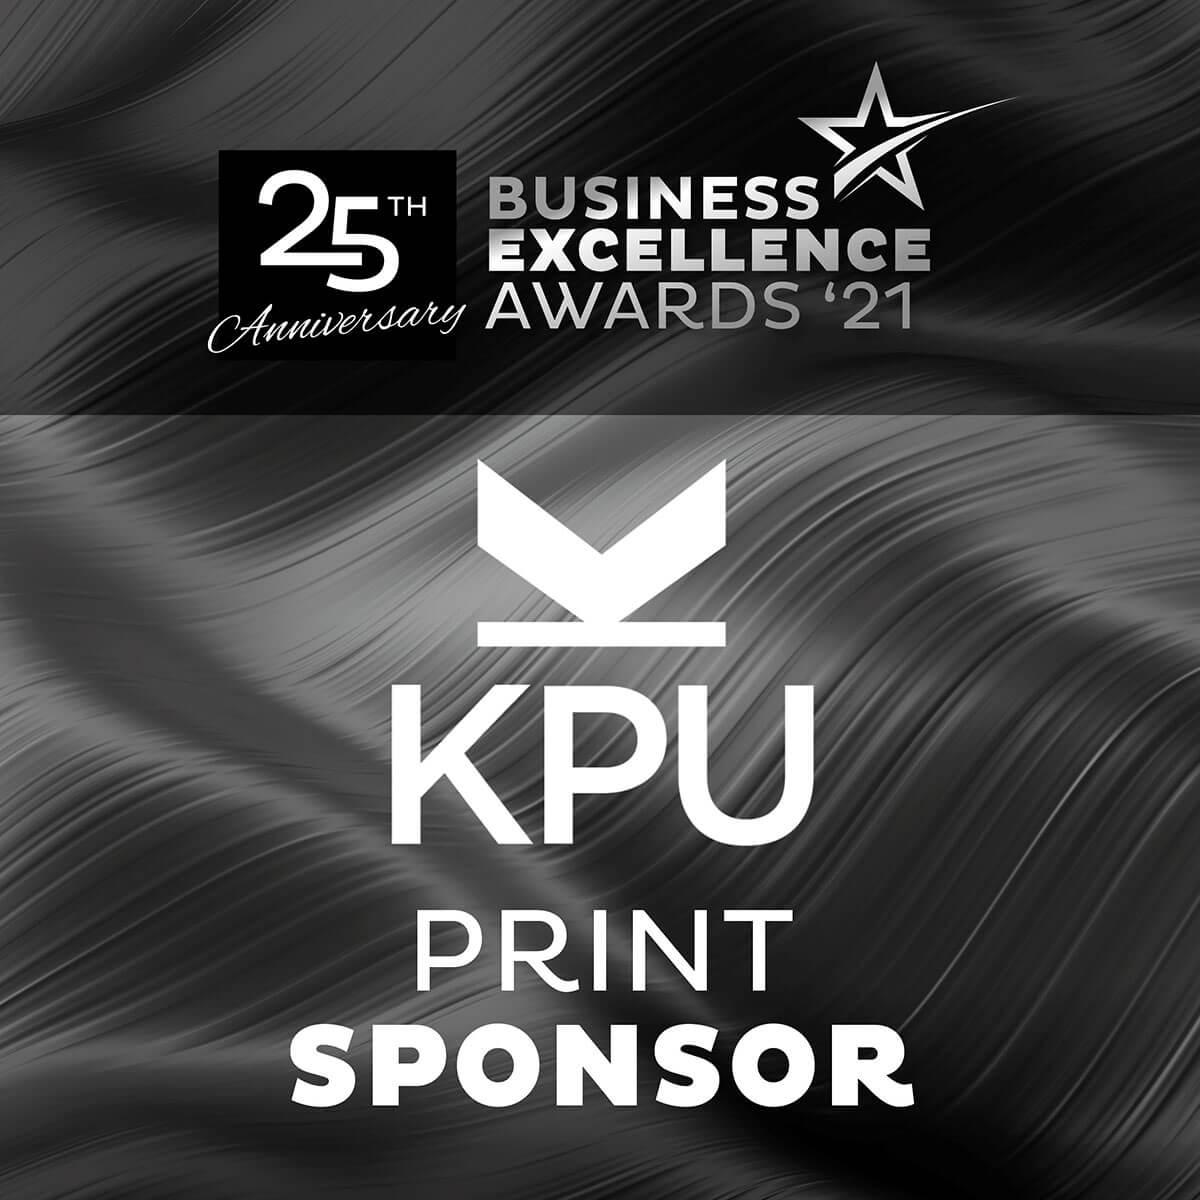 KPU Print